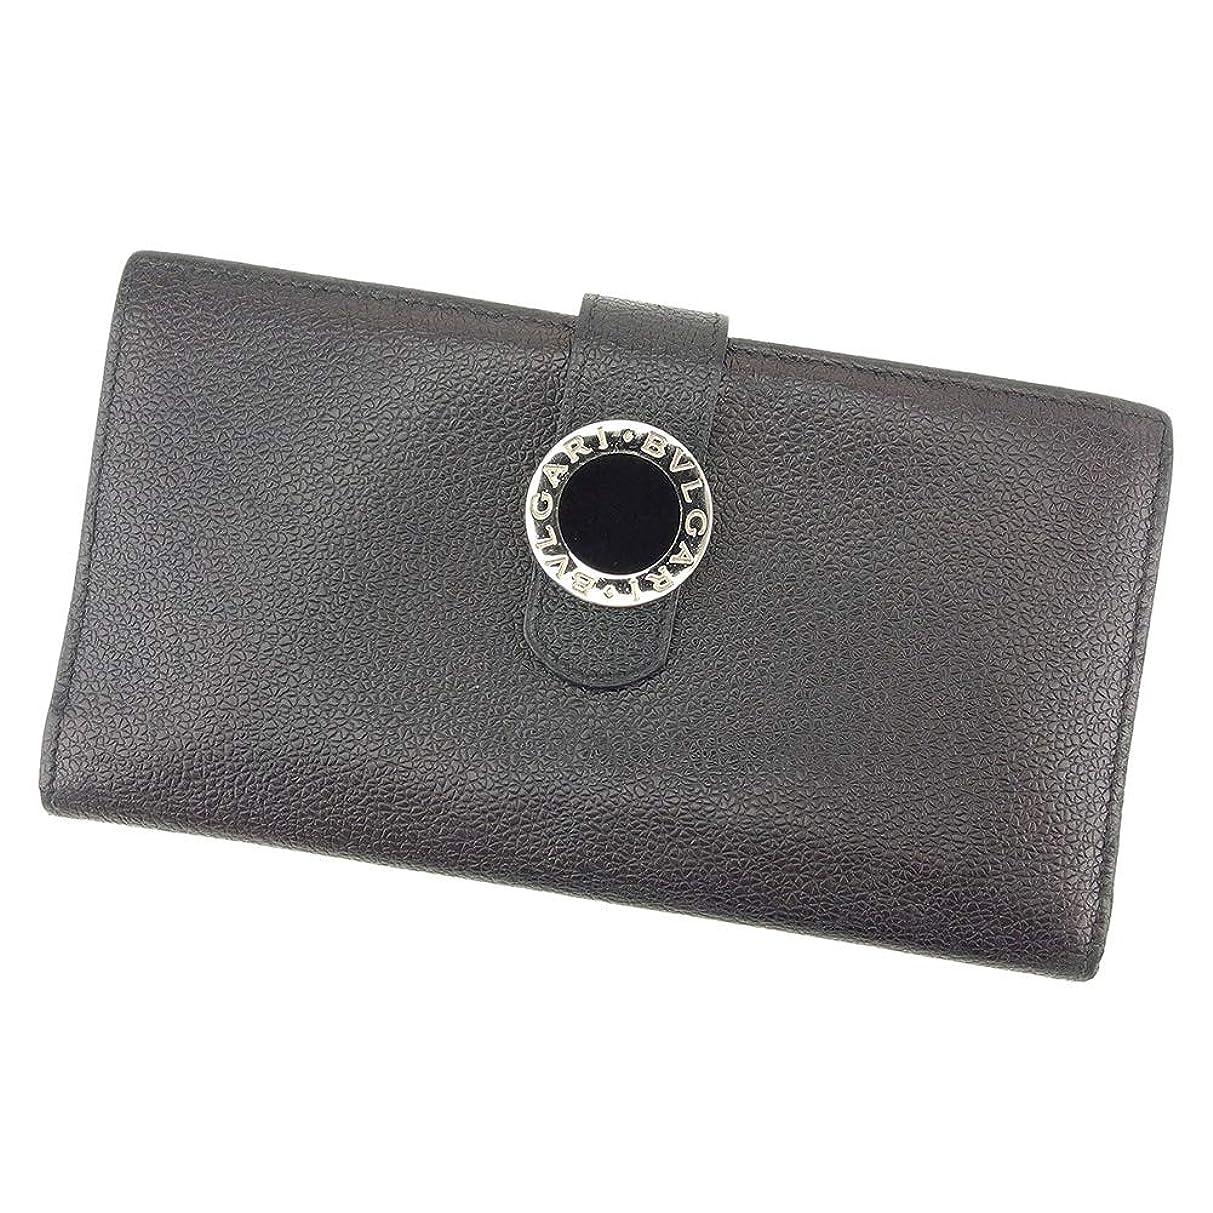 見せますトレイル遅らせる(ブルガリ) BVLGARI 長財布 ファスナー付き 長財布 レディース メンズ (ブルガリ)(ブルガリ) 中古 美品 T9001